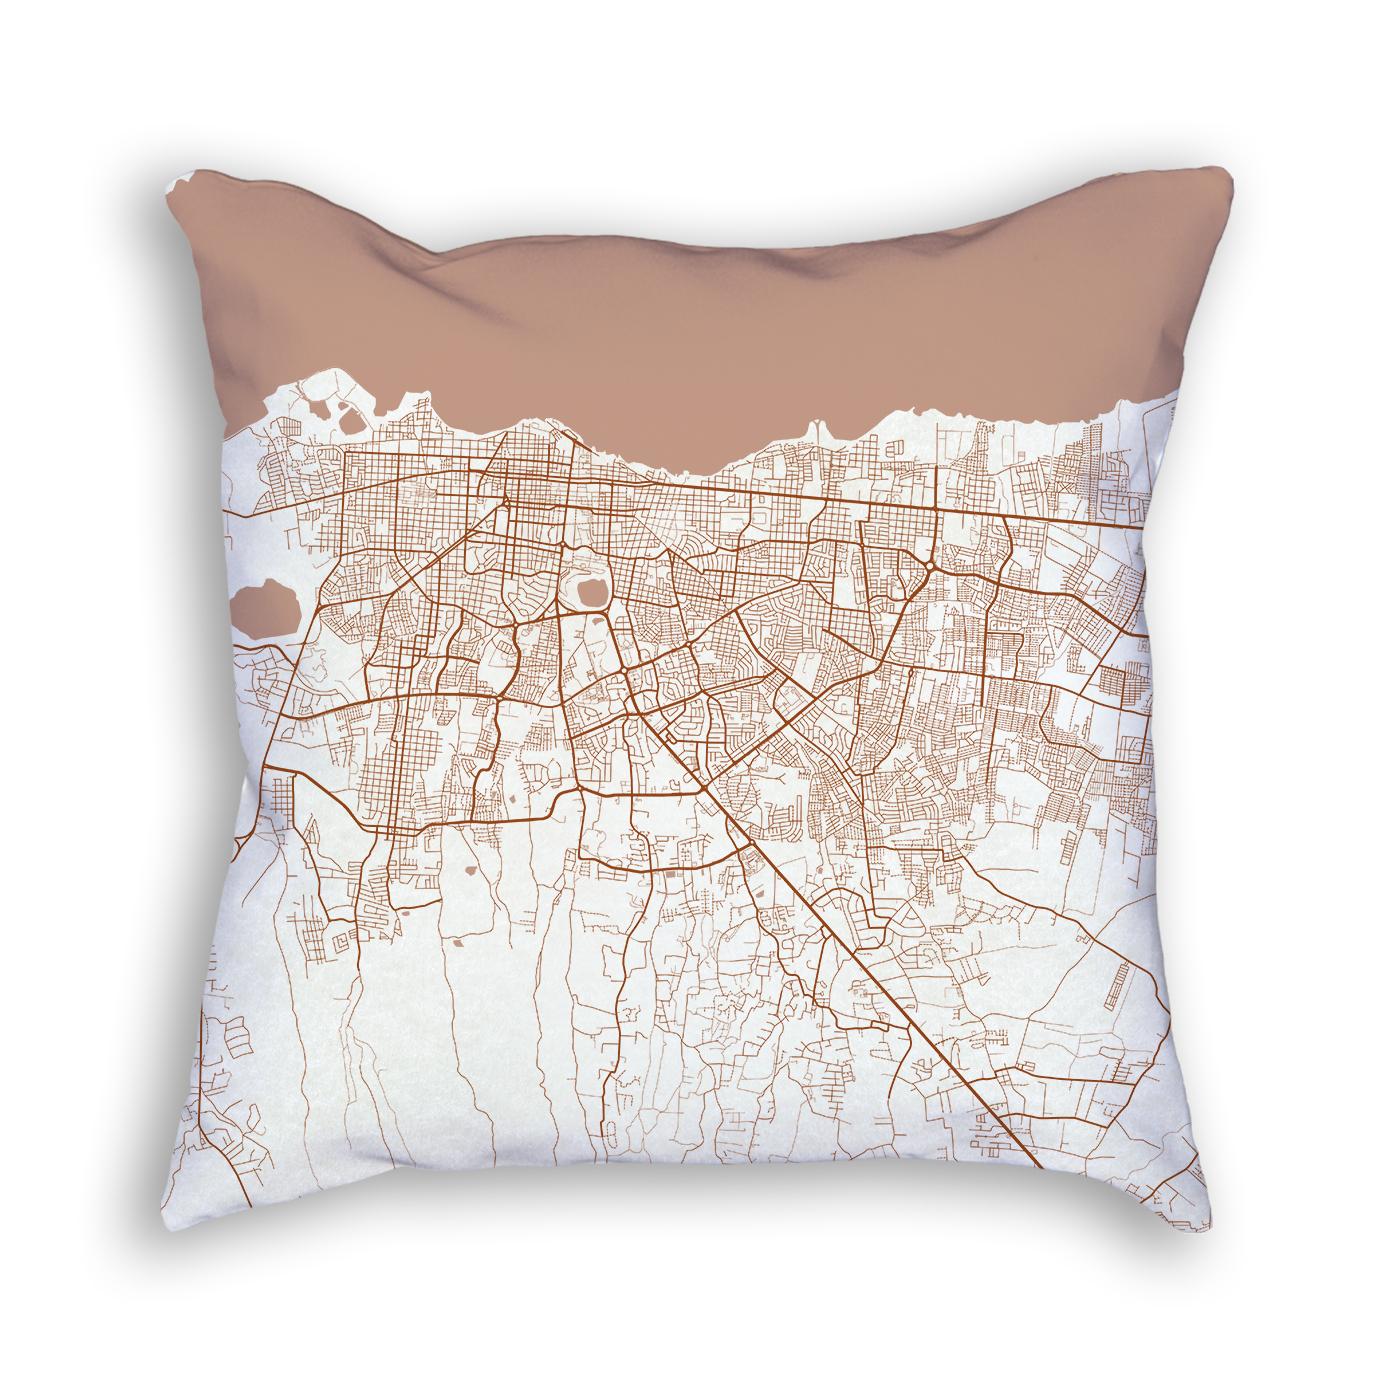 Managua Nicaragua City Map Art Decorative Throw Pillow